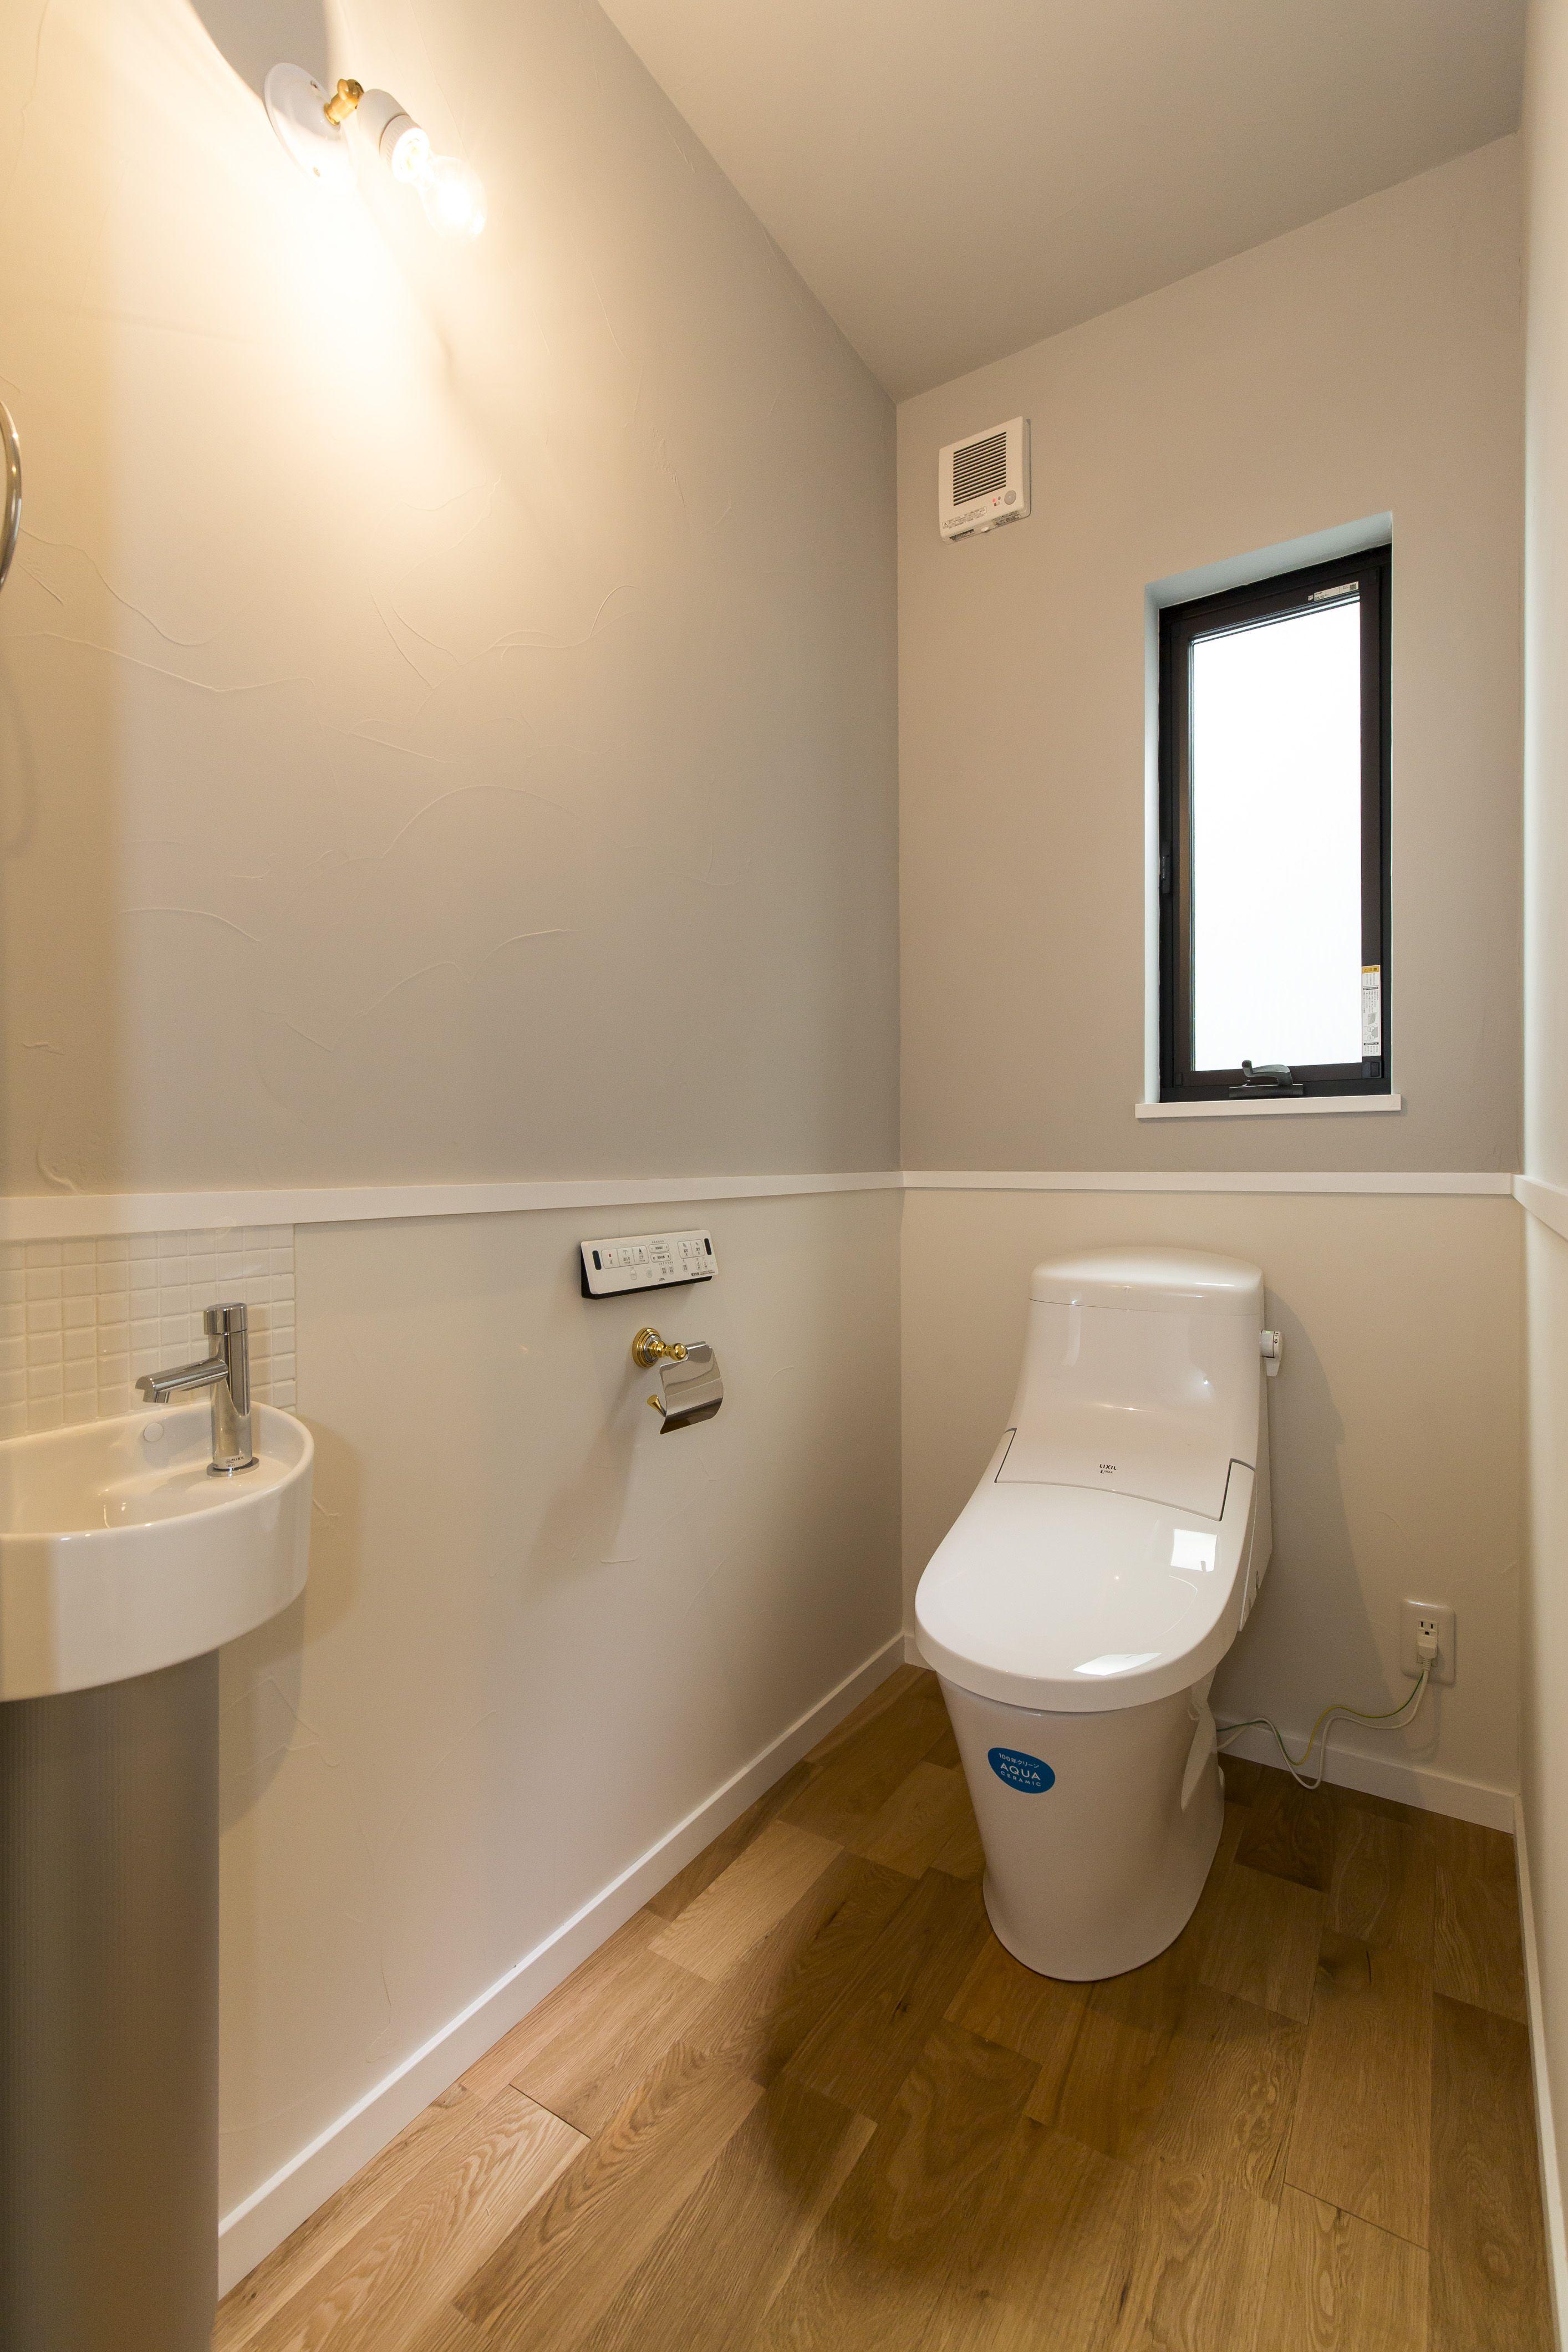 白とライトグレーの優しい色でコーディネートしたトイレ トイレ